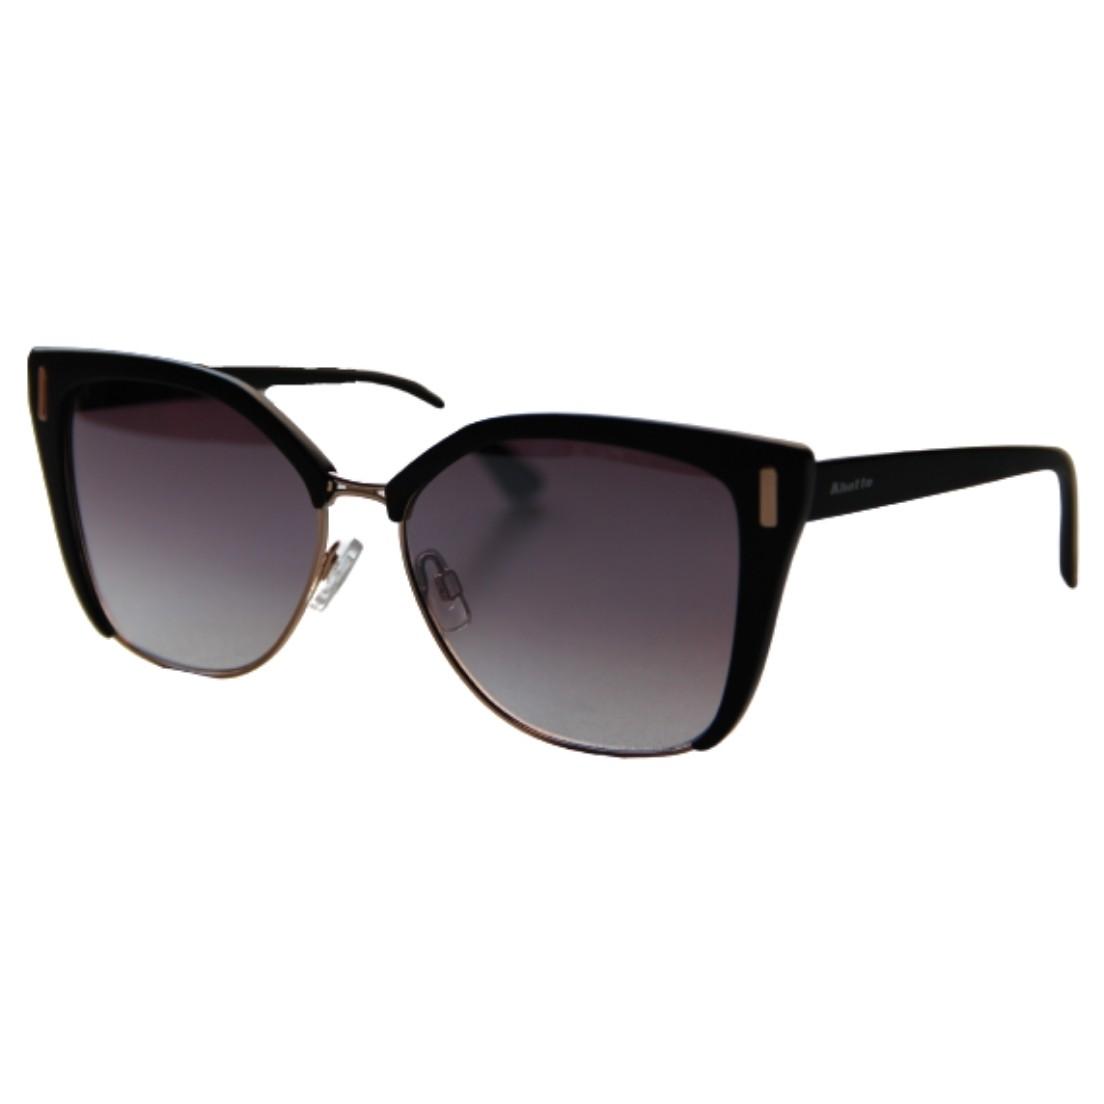 Óculos de Sol Khatto Chic Chic Luxo - C094